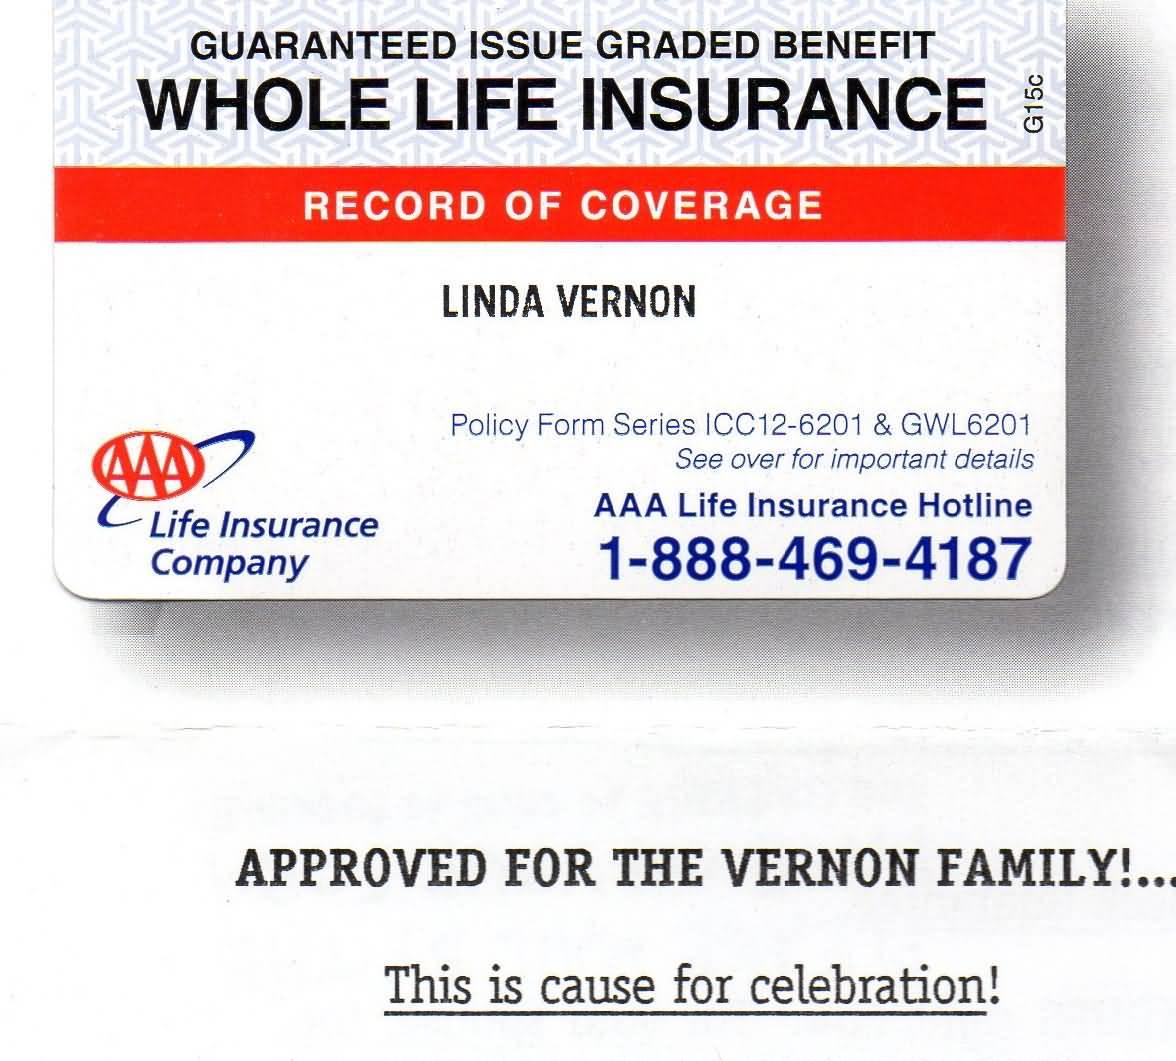 Aarp Life Insurance Quote 2: Aarp Life Insurance Quotes And Sayings